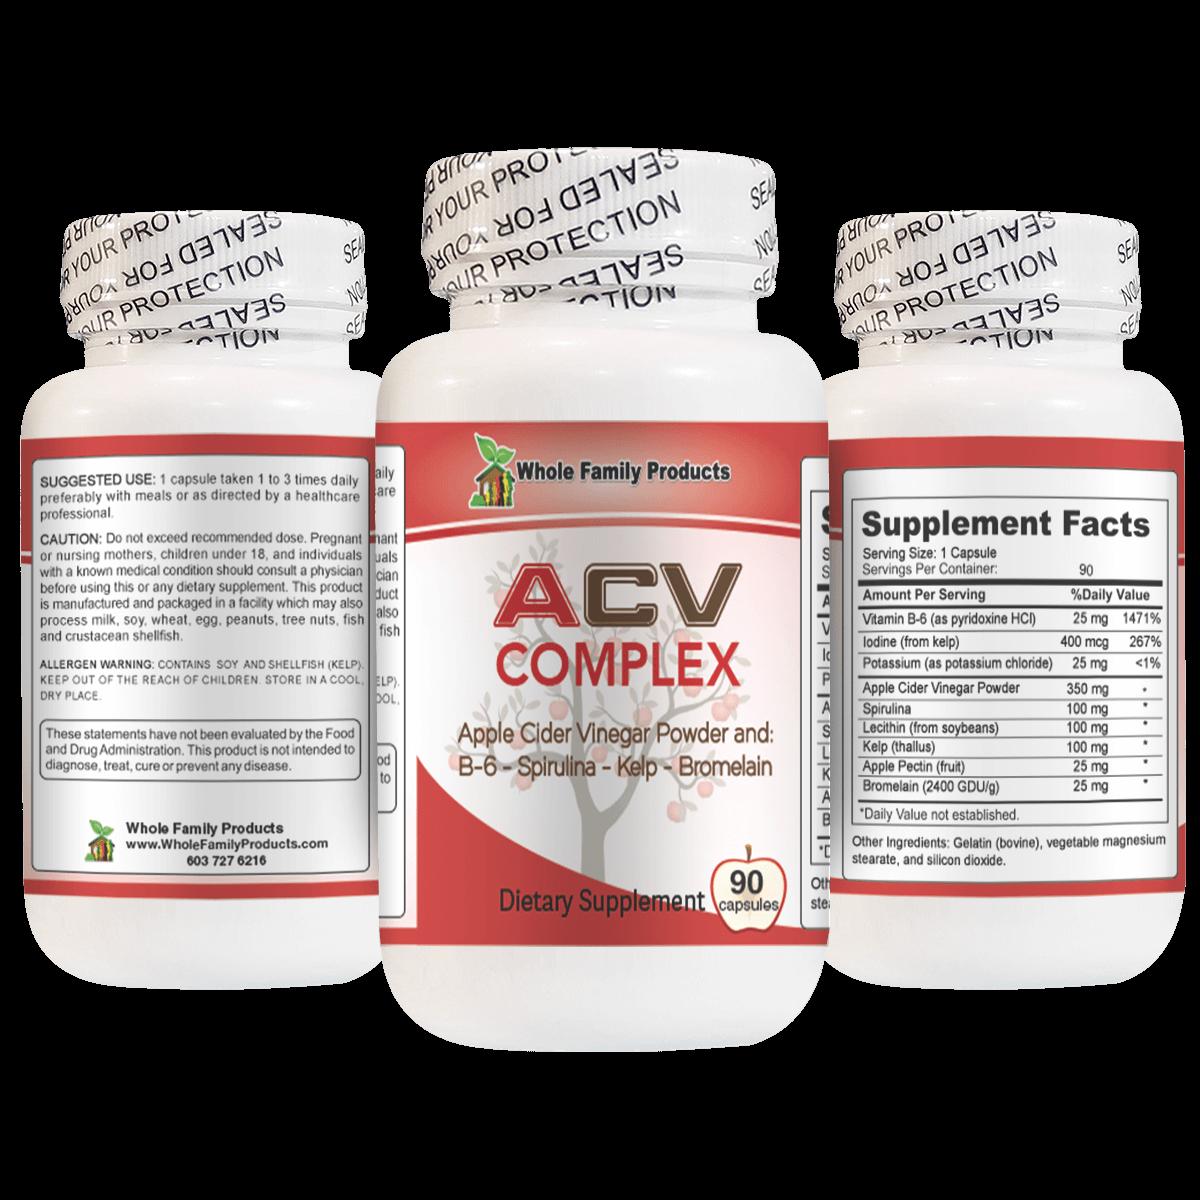 Best Apple Cider Vinegar Complex Powder for Weight Loss